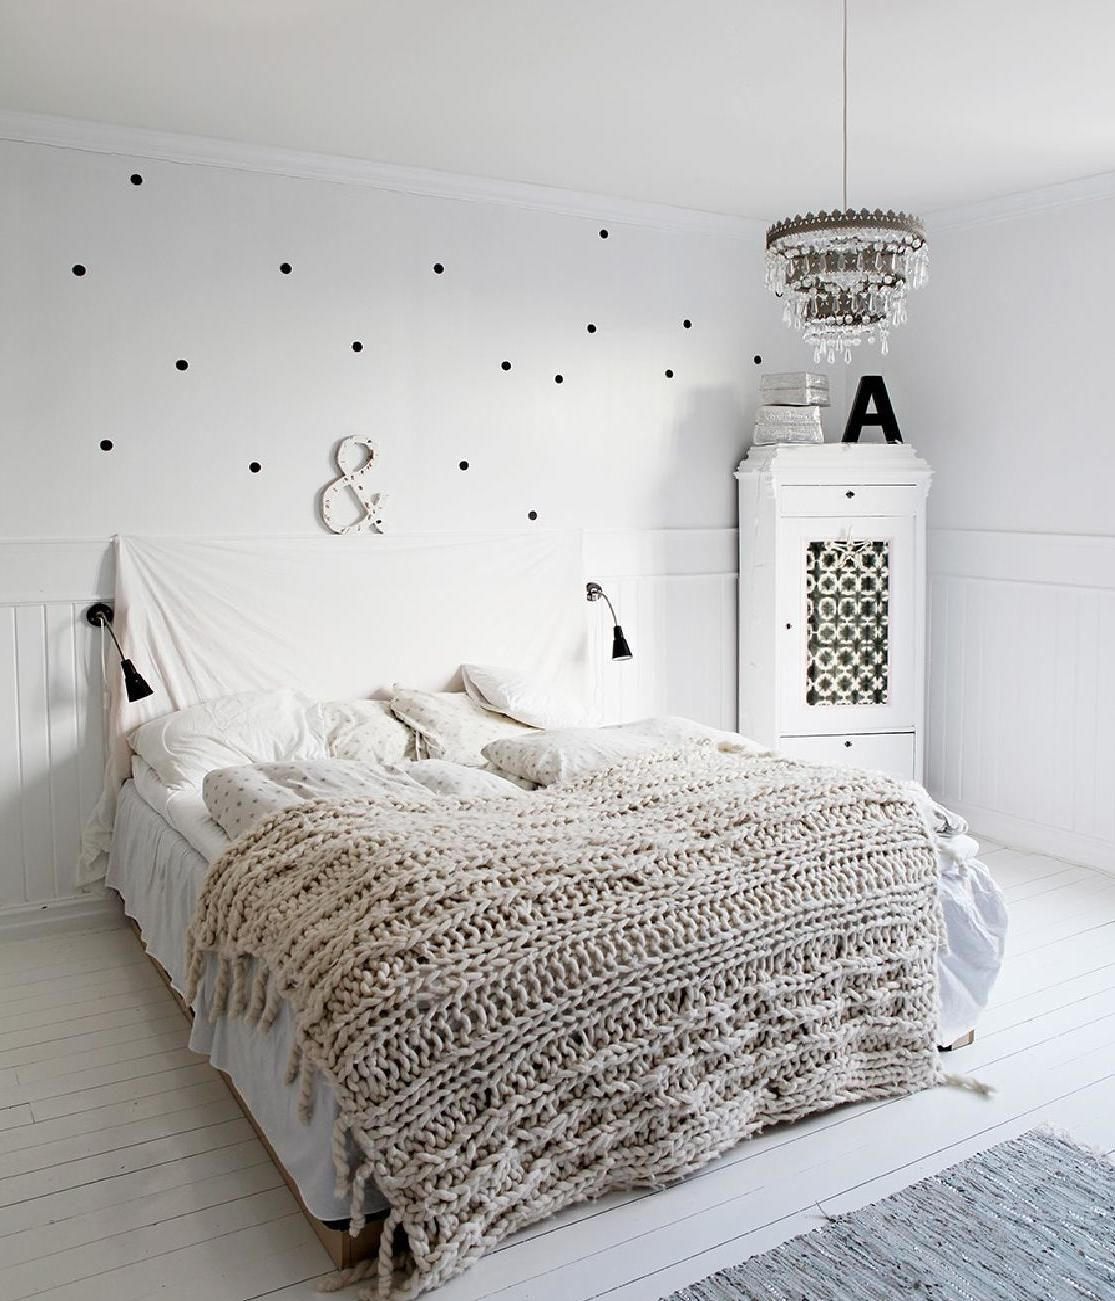 Nibhjemme 6 slaapkamer slaapkamers en dekbedden - Ontwerp bed hoofden ...